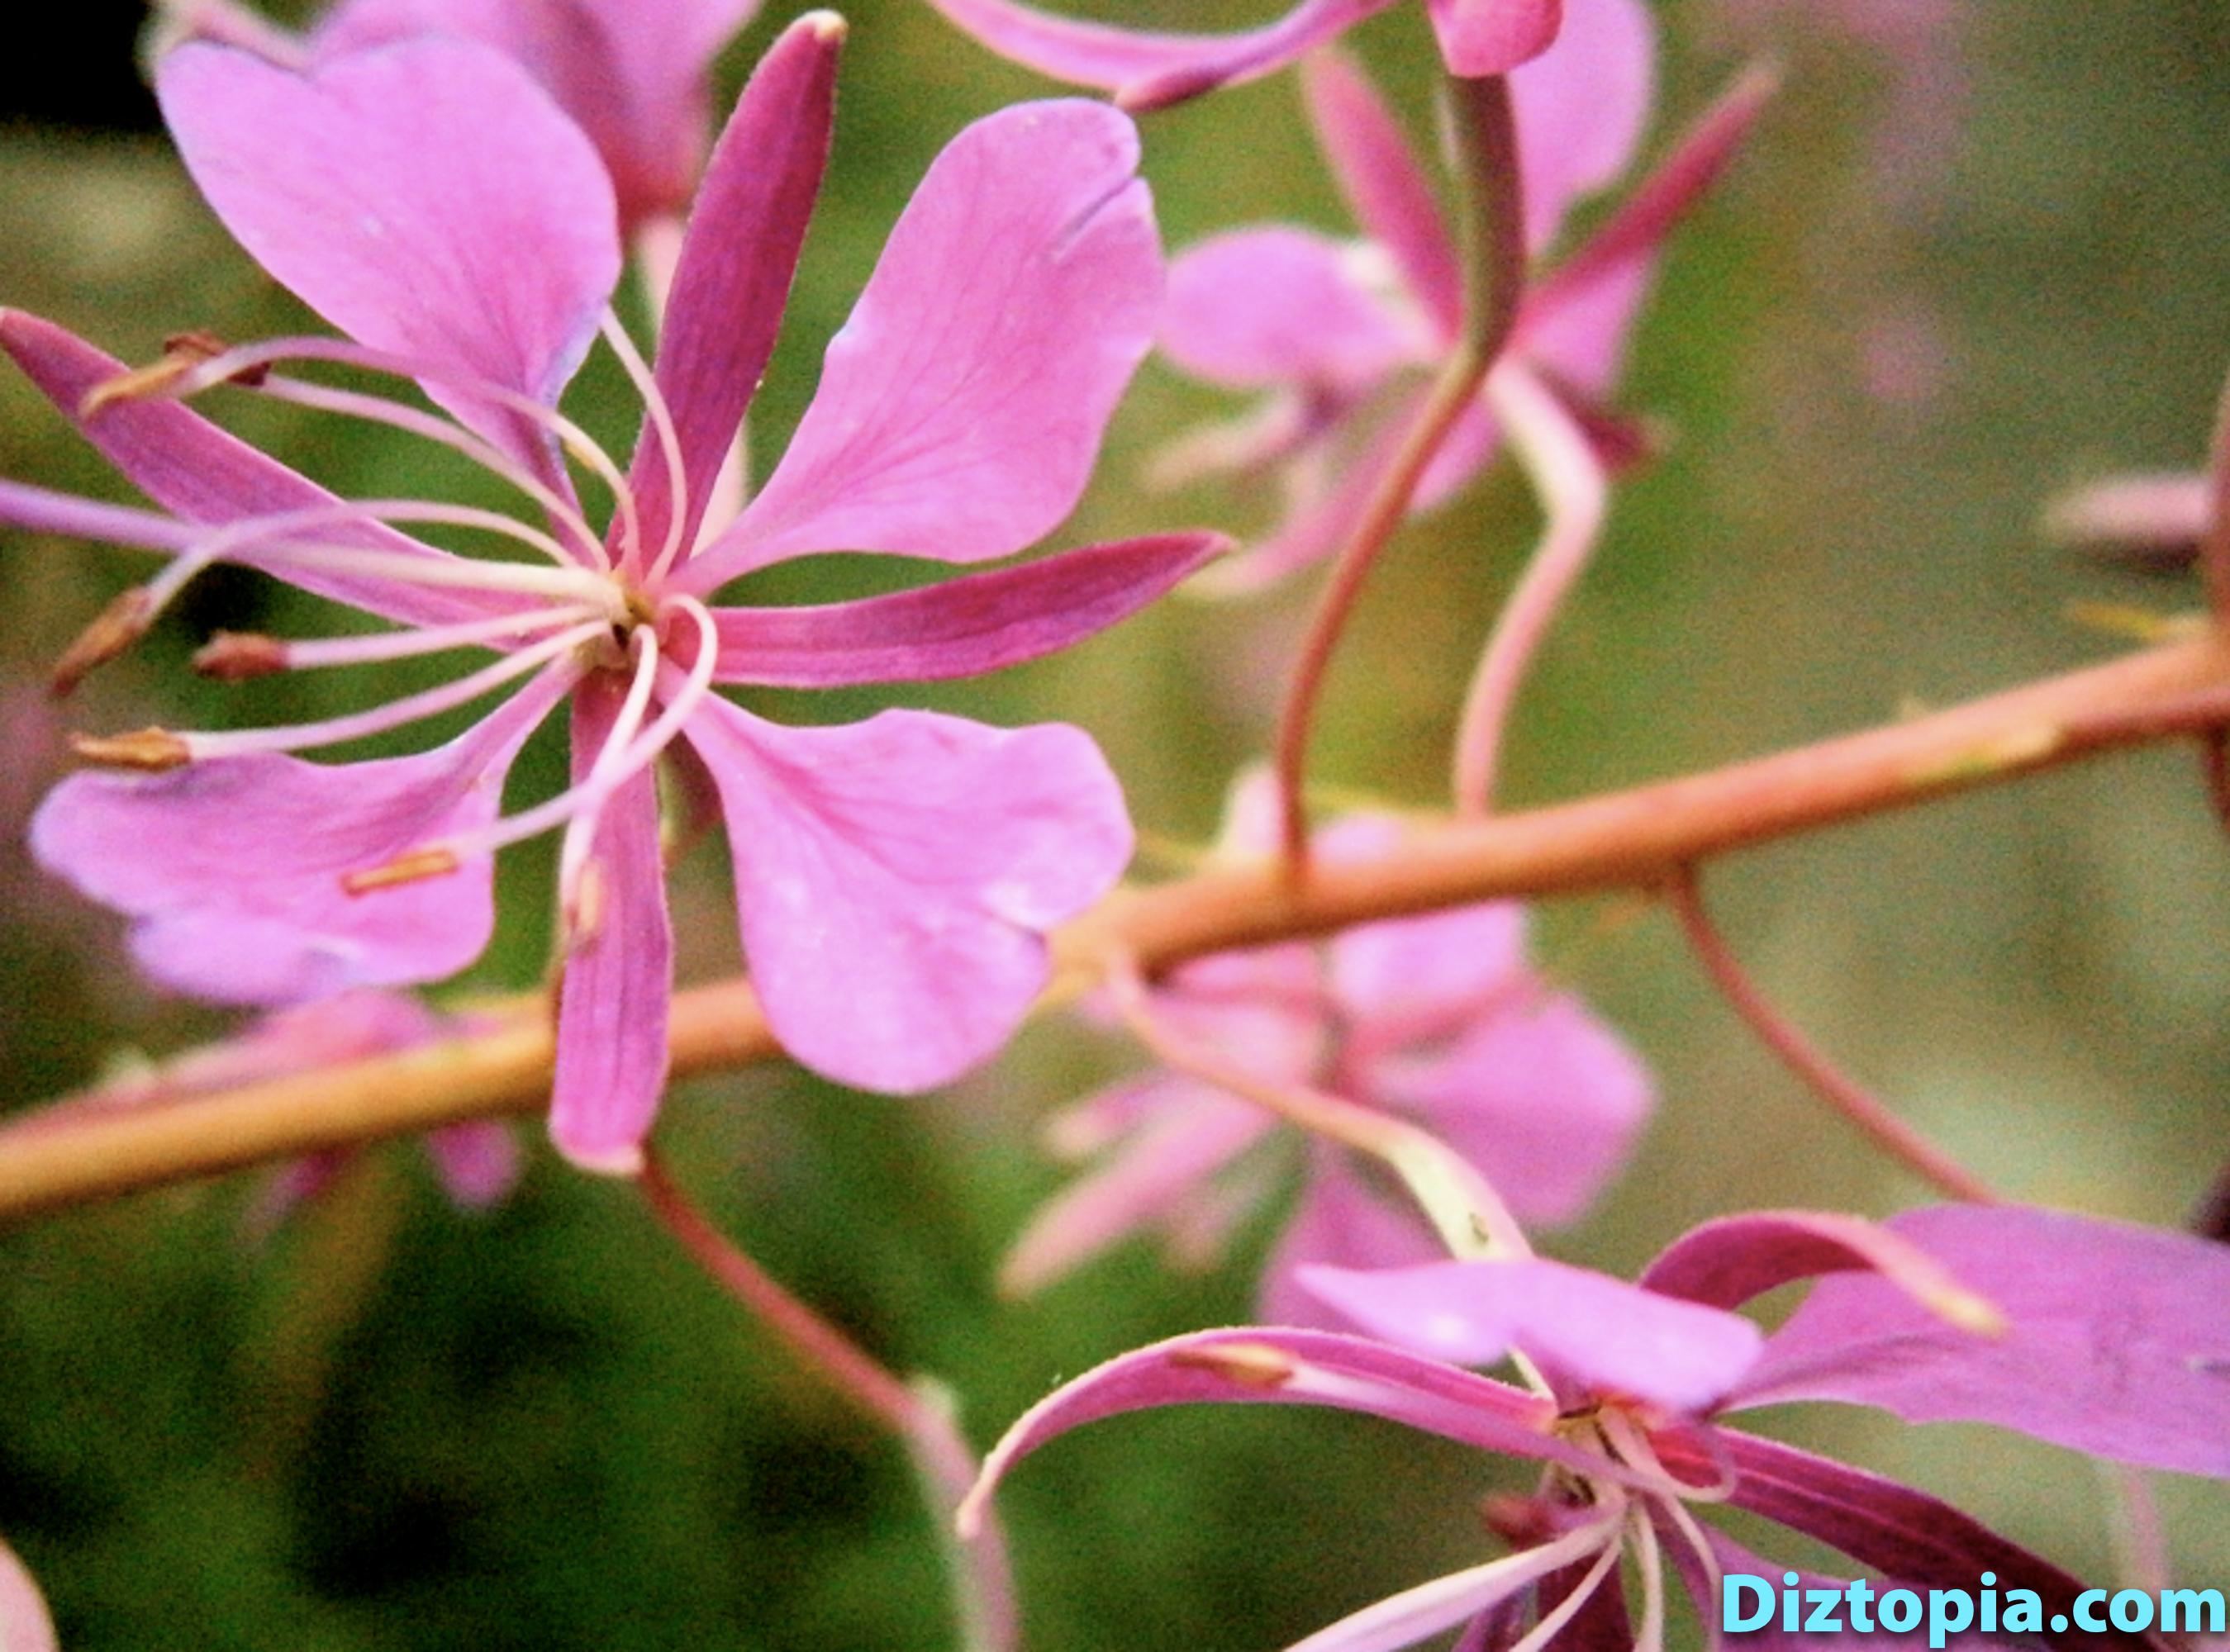 diztopia-com-dizma_dahl-photography-digicam-33